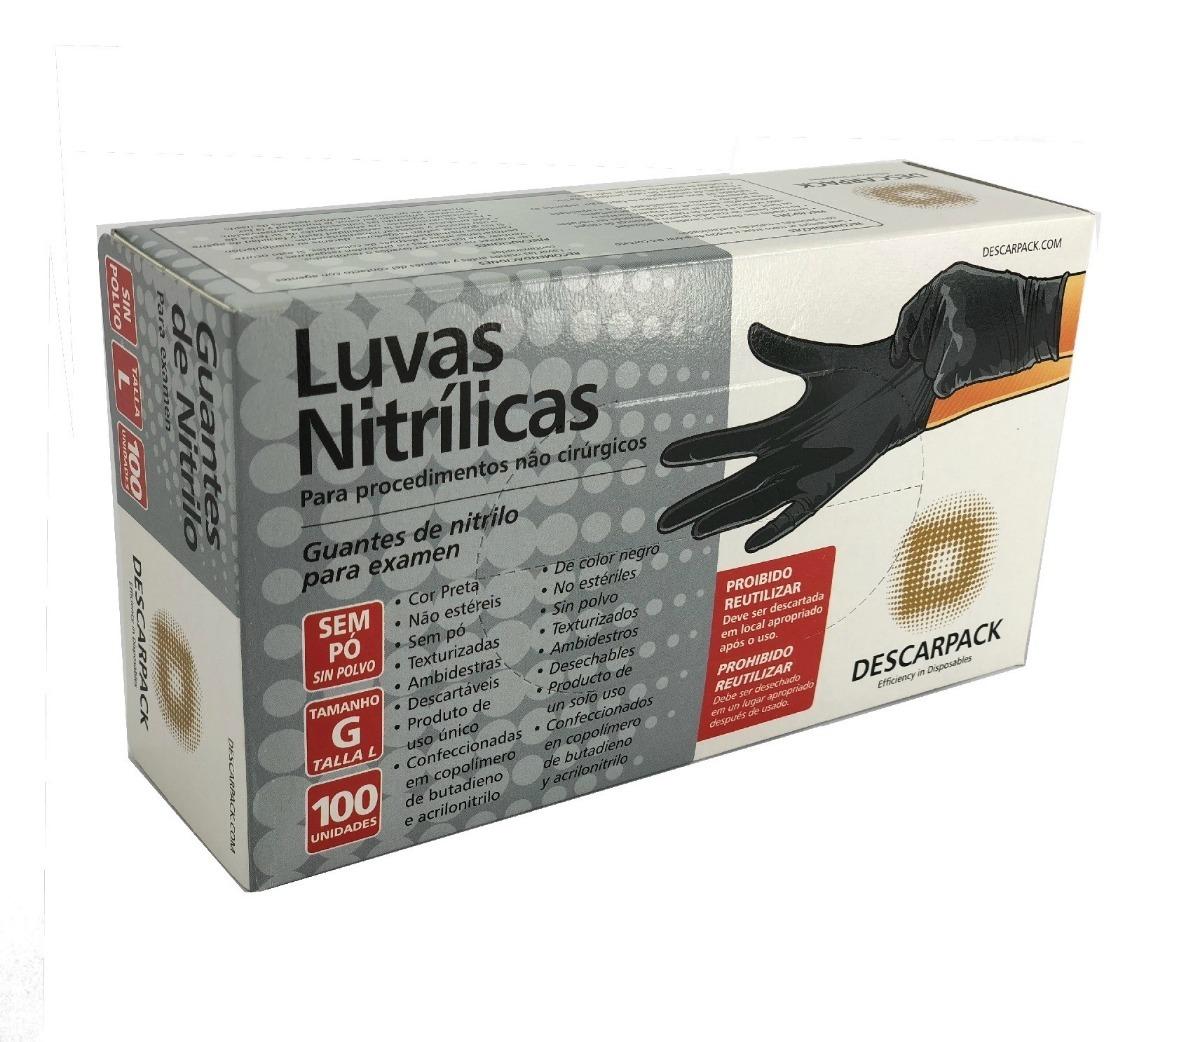 luva nitrílica sem pó descartável 100un - descarpack p, m, g. Carregando  zoom. ba2f4aa97a